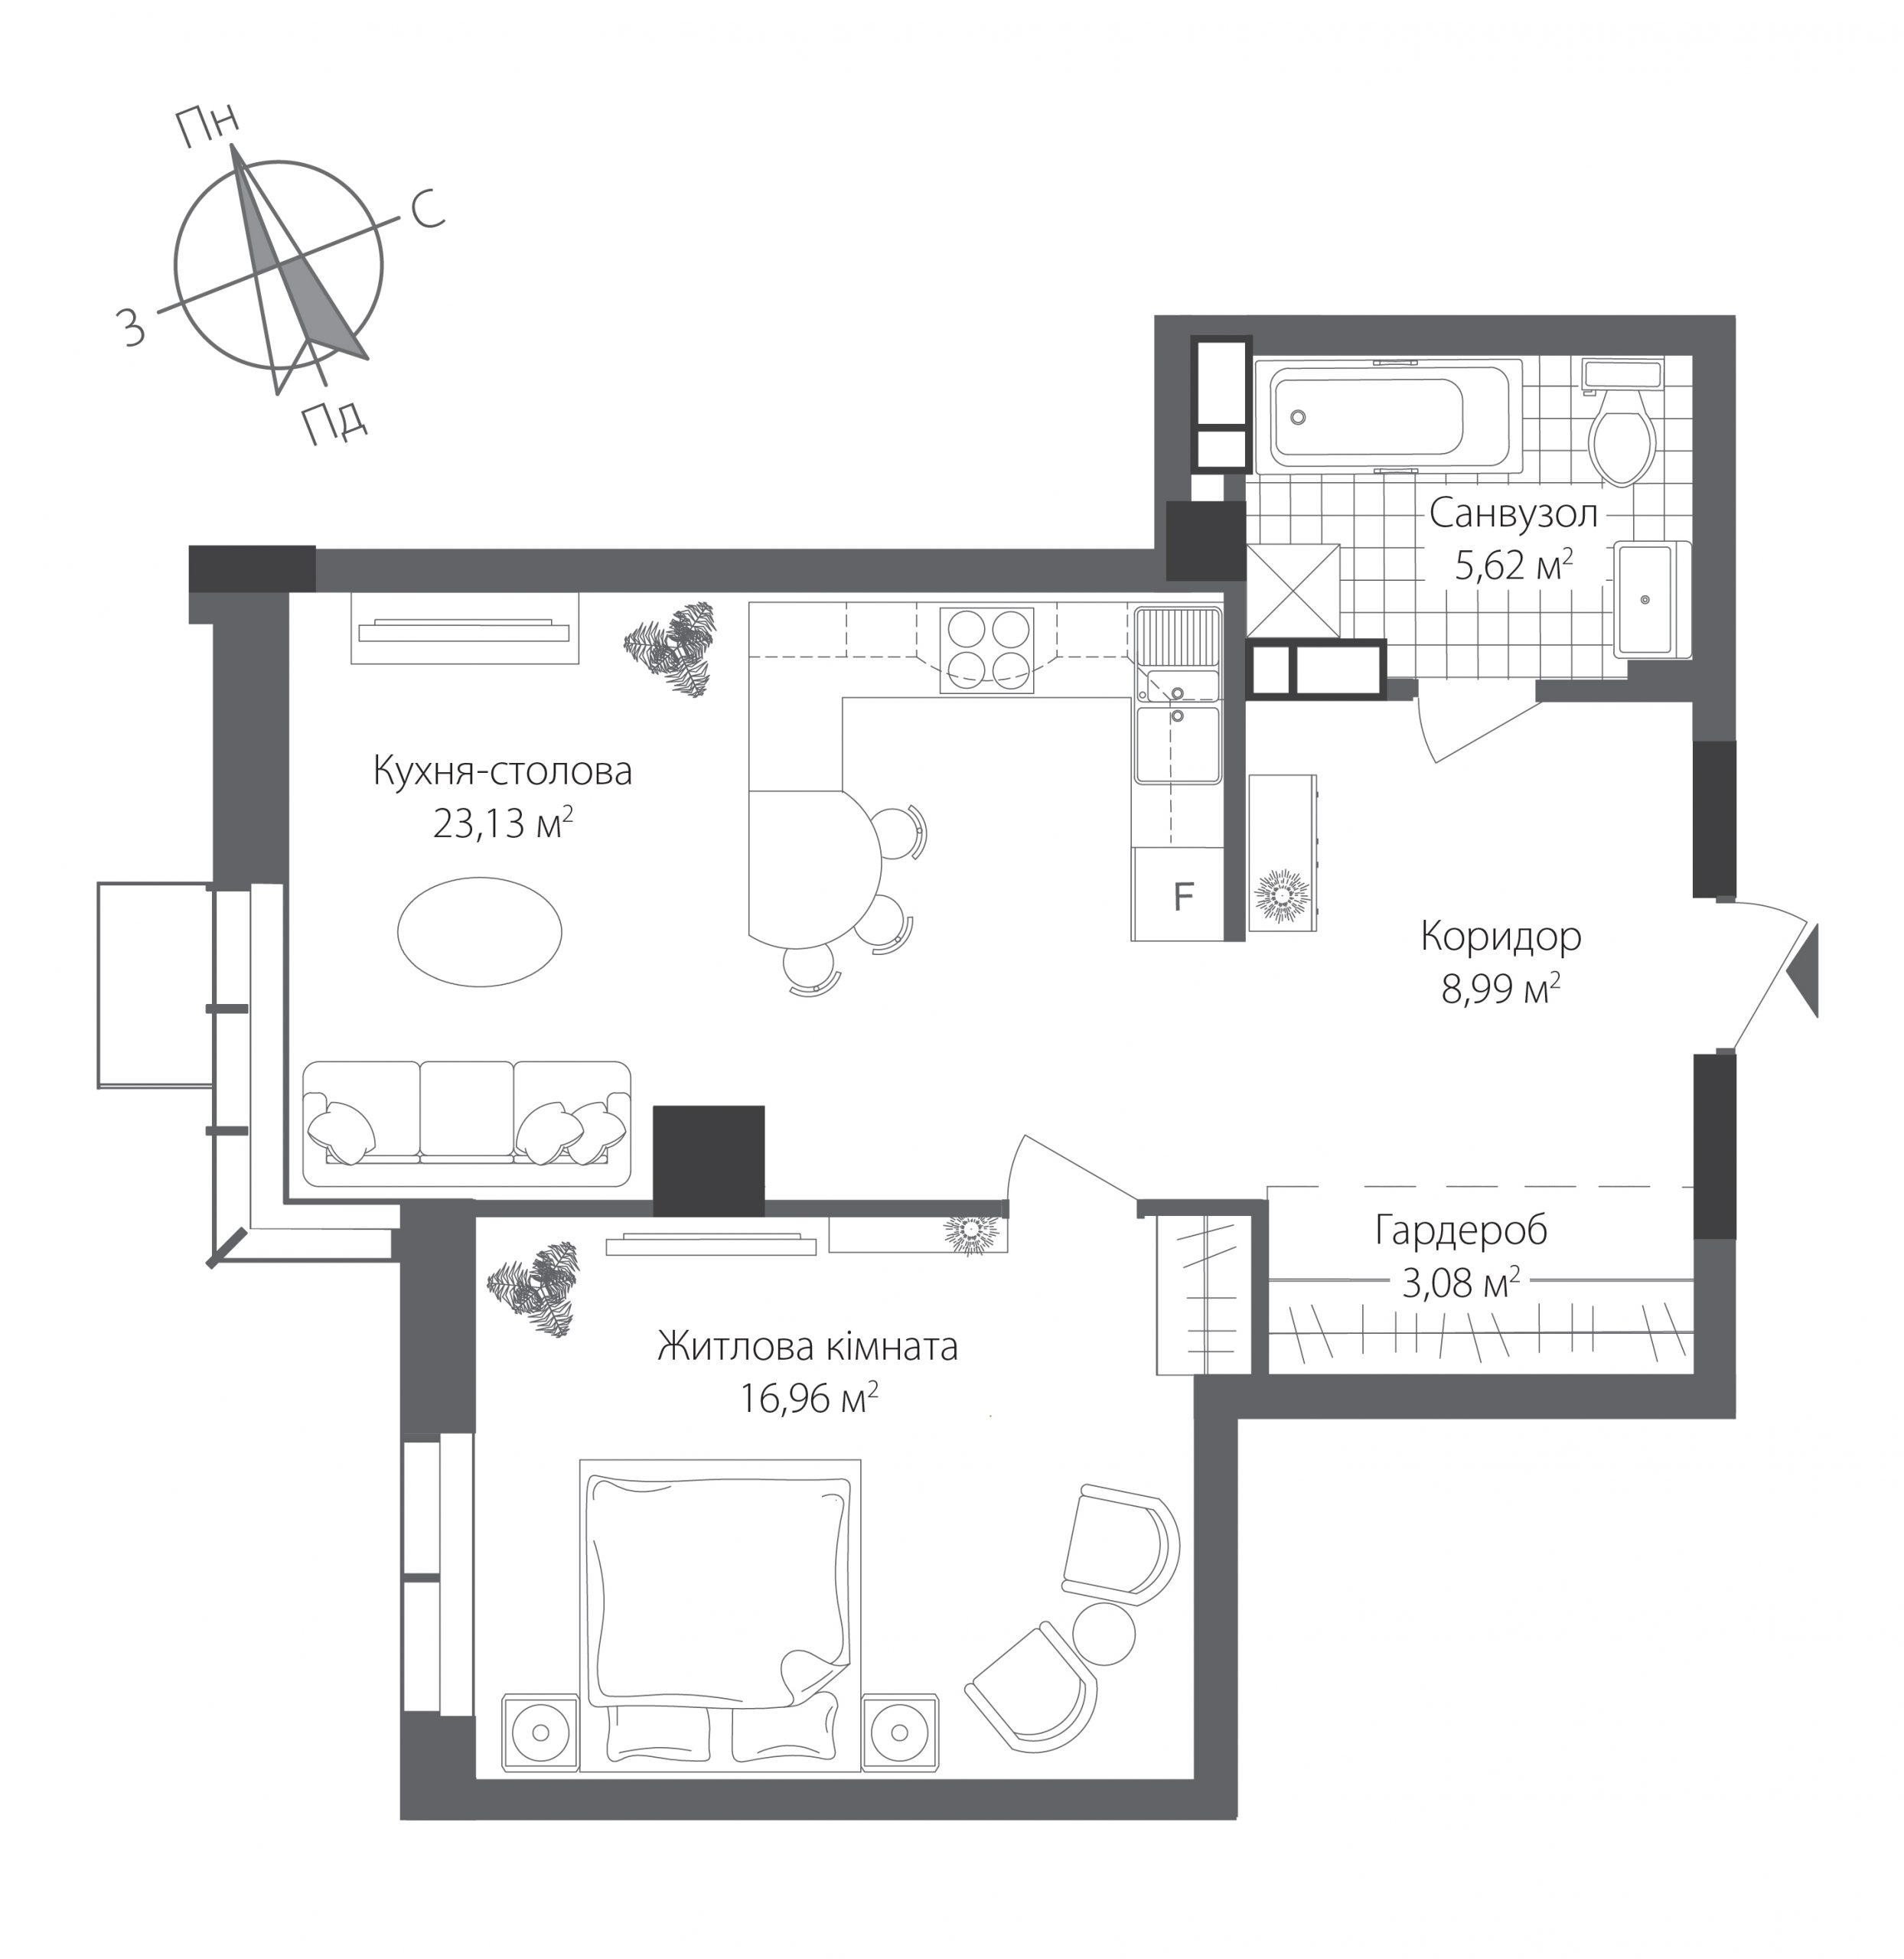 Номер квартиры №1504, Дом 9, Этаж 15, Полная площадь 57,78